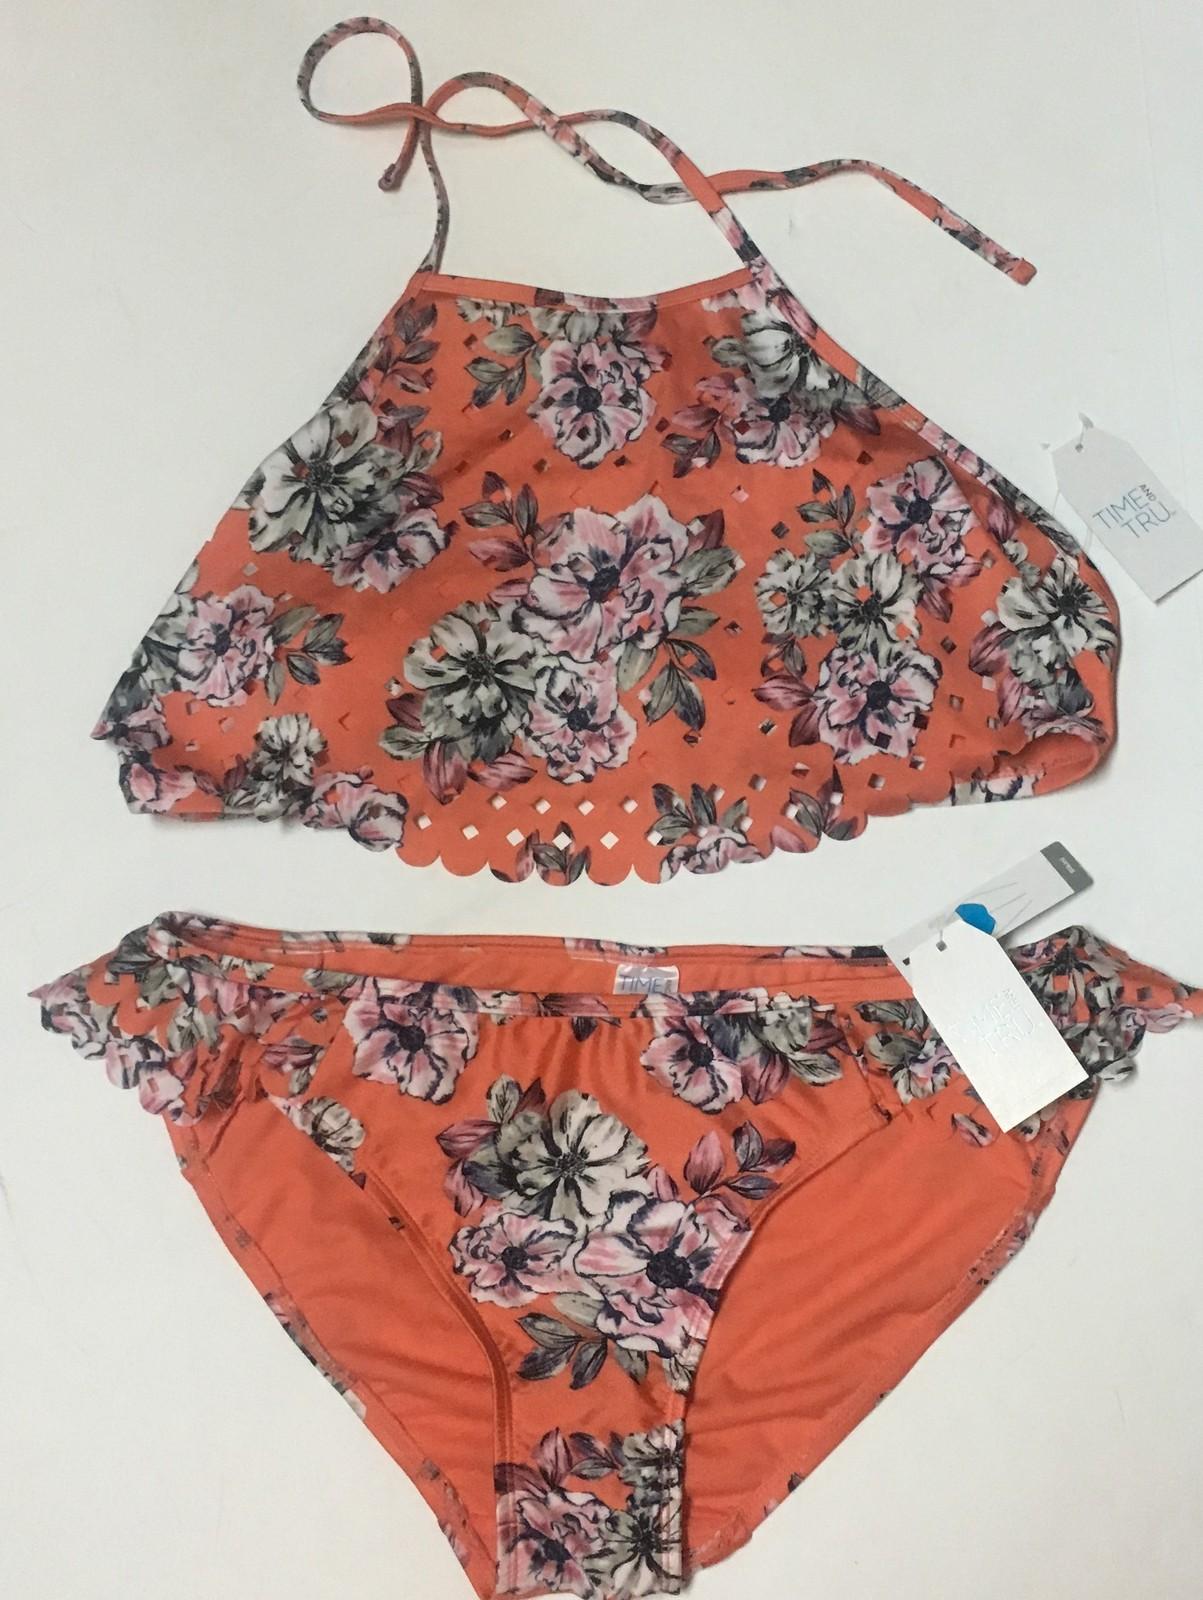 Time & Tru Two Piece Swimsuit Coral Floral Top Sz L (12-14), Bottom Sz M (7-8) image 2